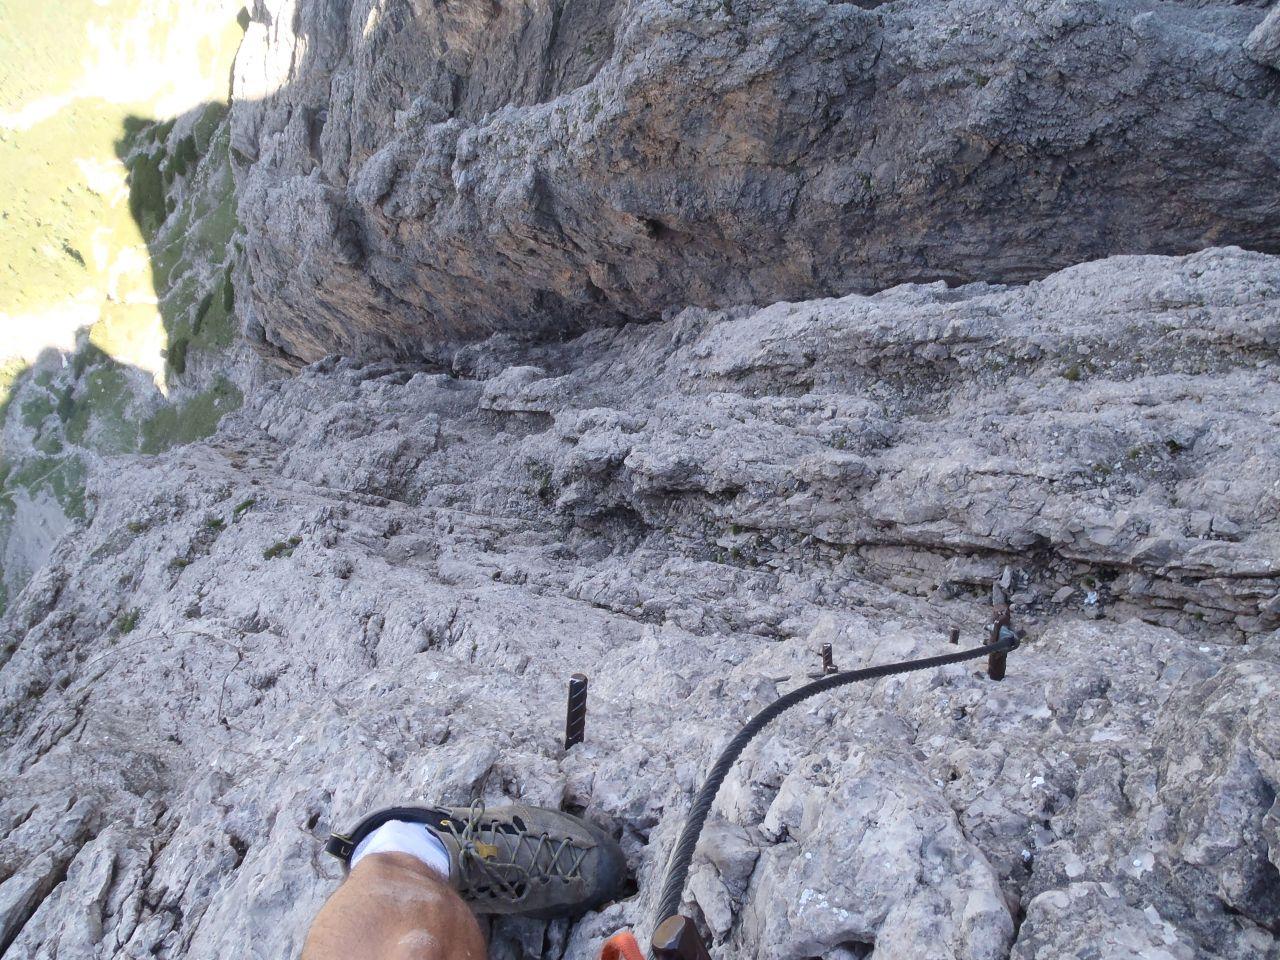 Klettersteig Lienz : Laserz klettersteig lienzer dolomiten im aug alpenverein